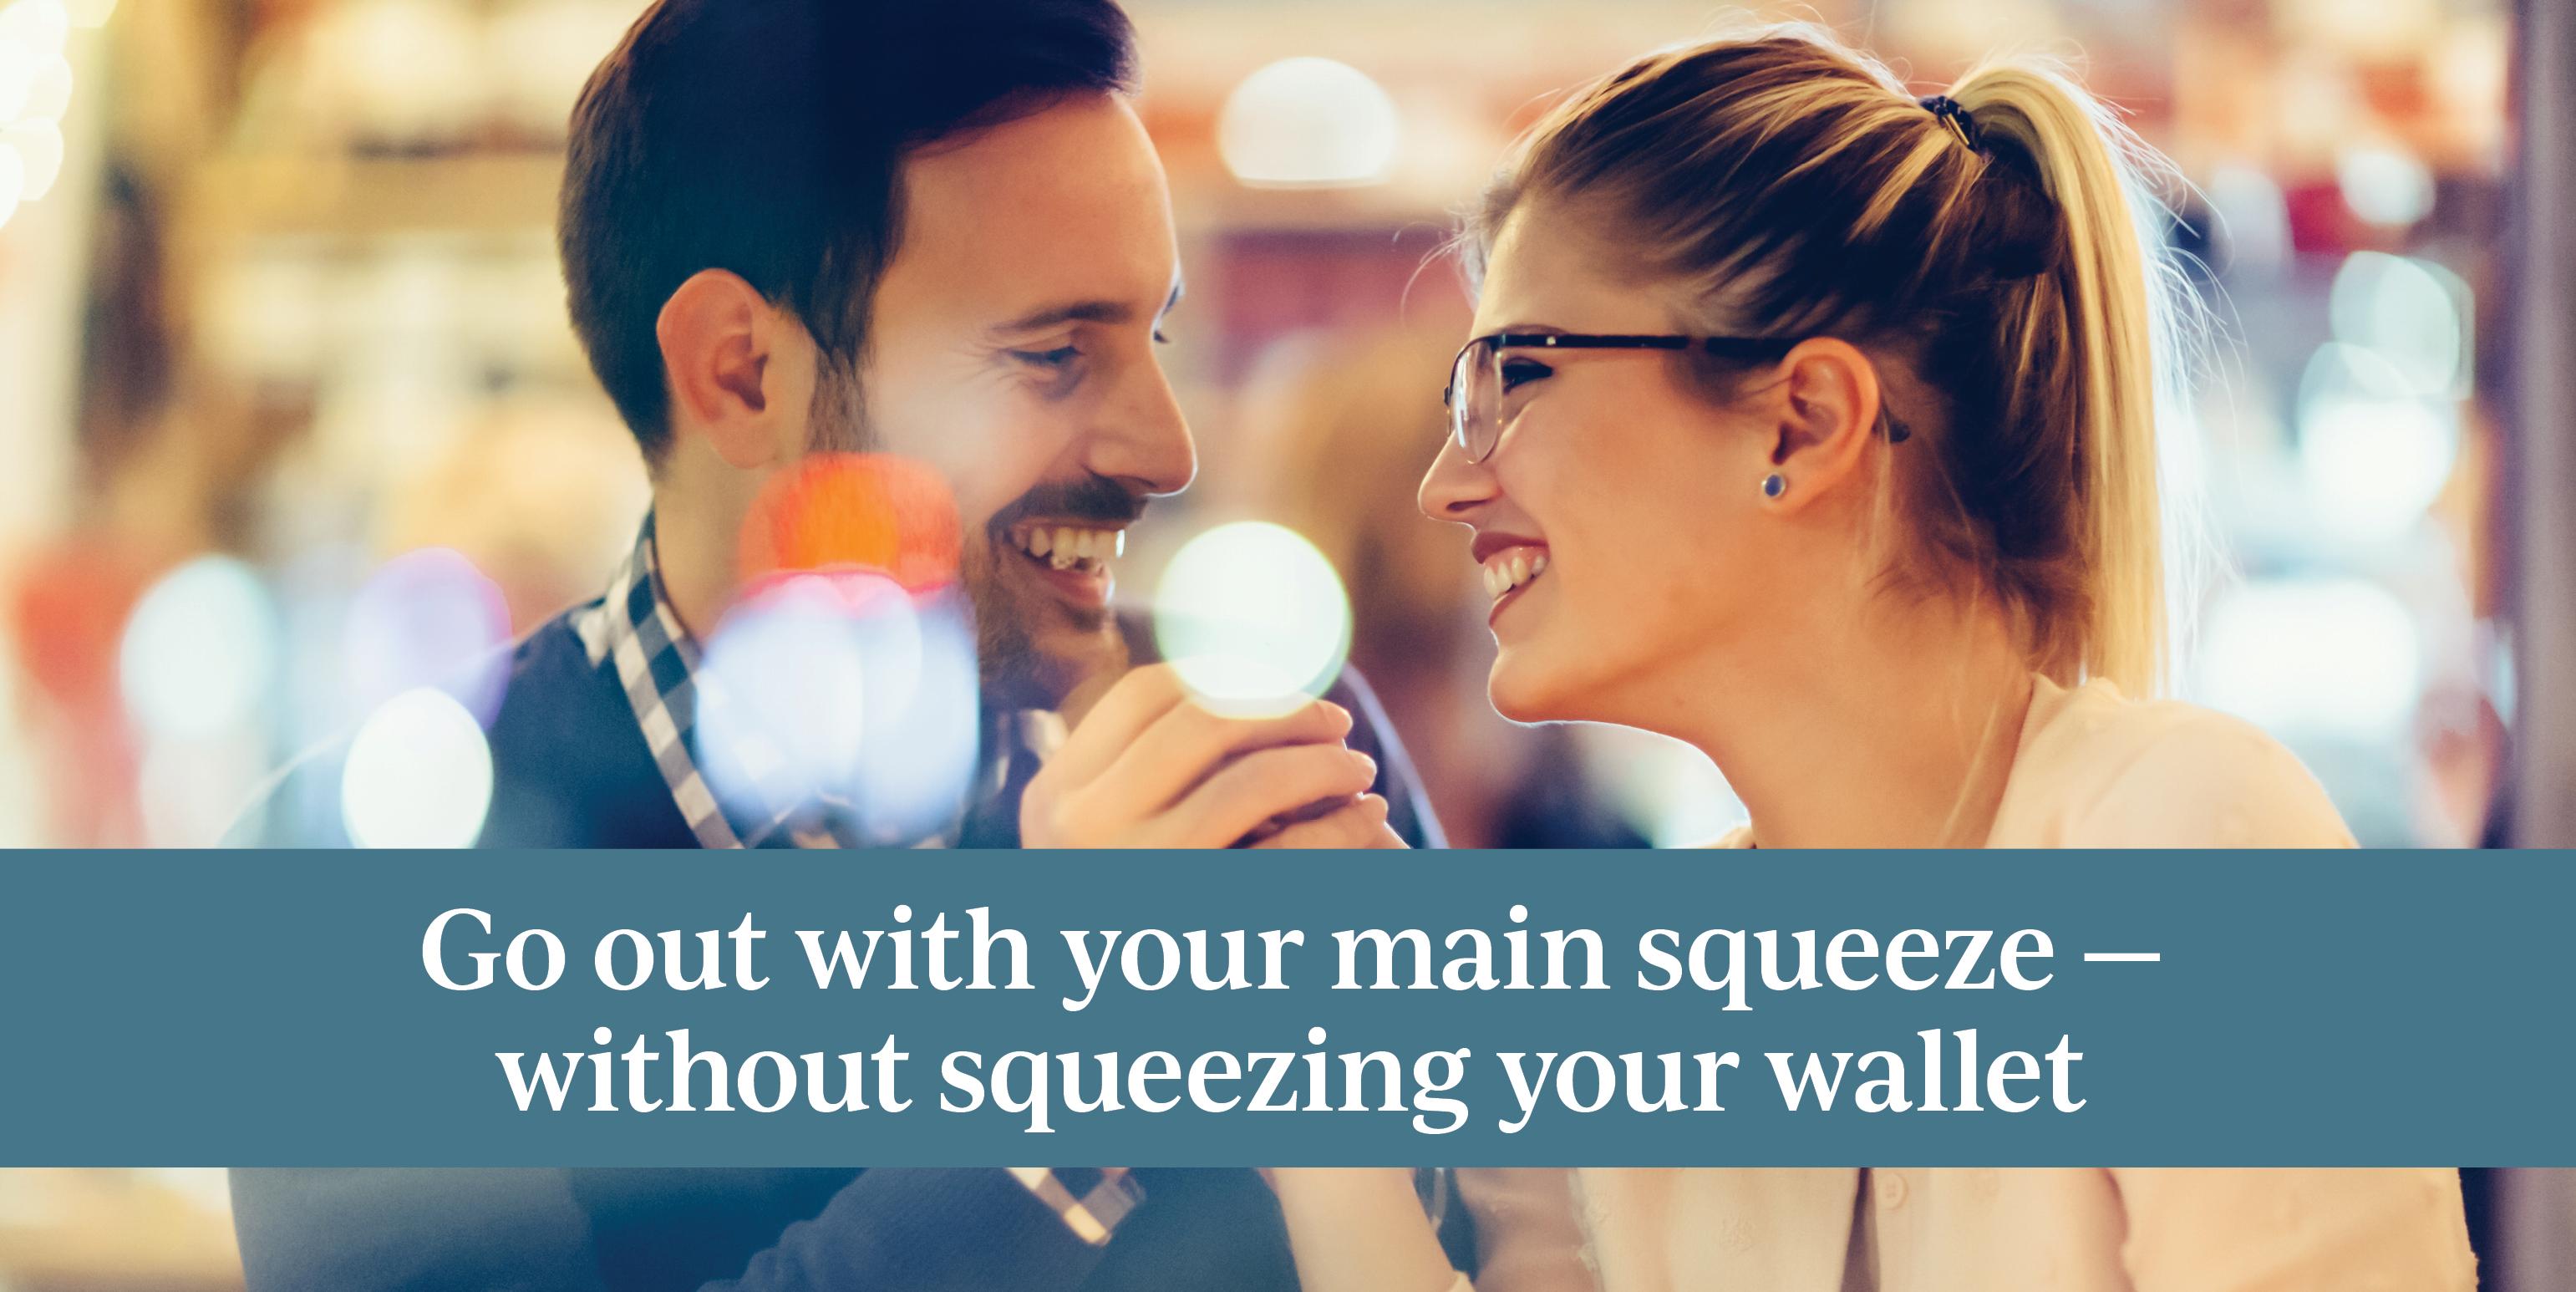 Paras vapaa dating simulaattorit